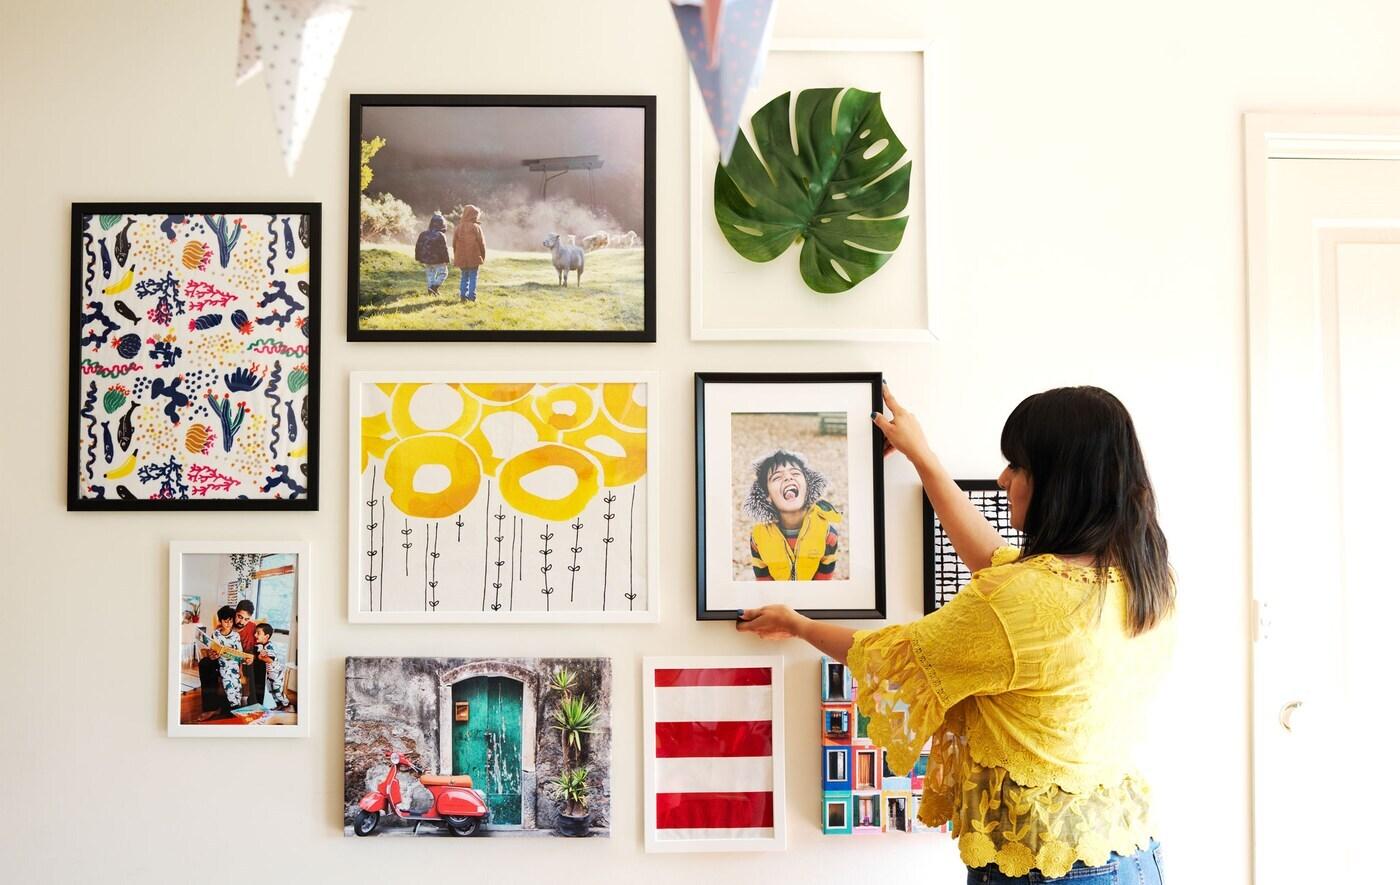 Abeer place un cadre sur un mur galerie comportant œuvres d'art et photos.